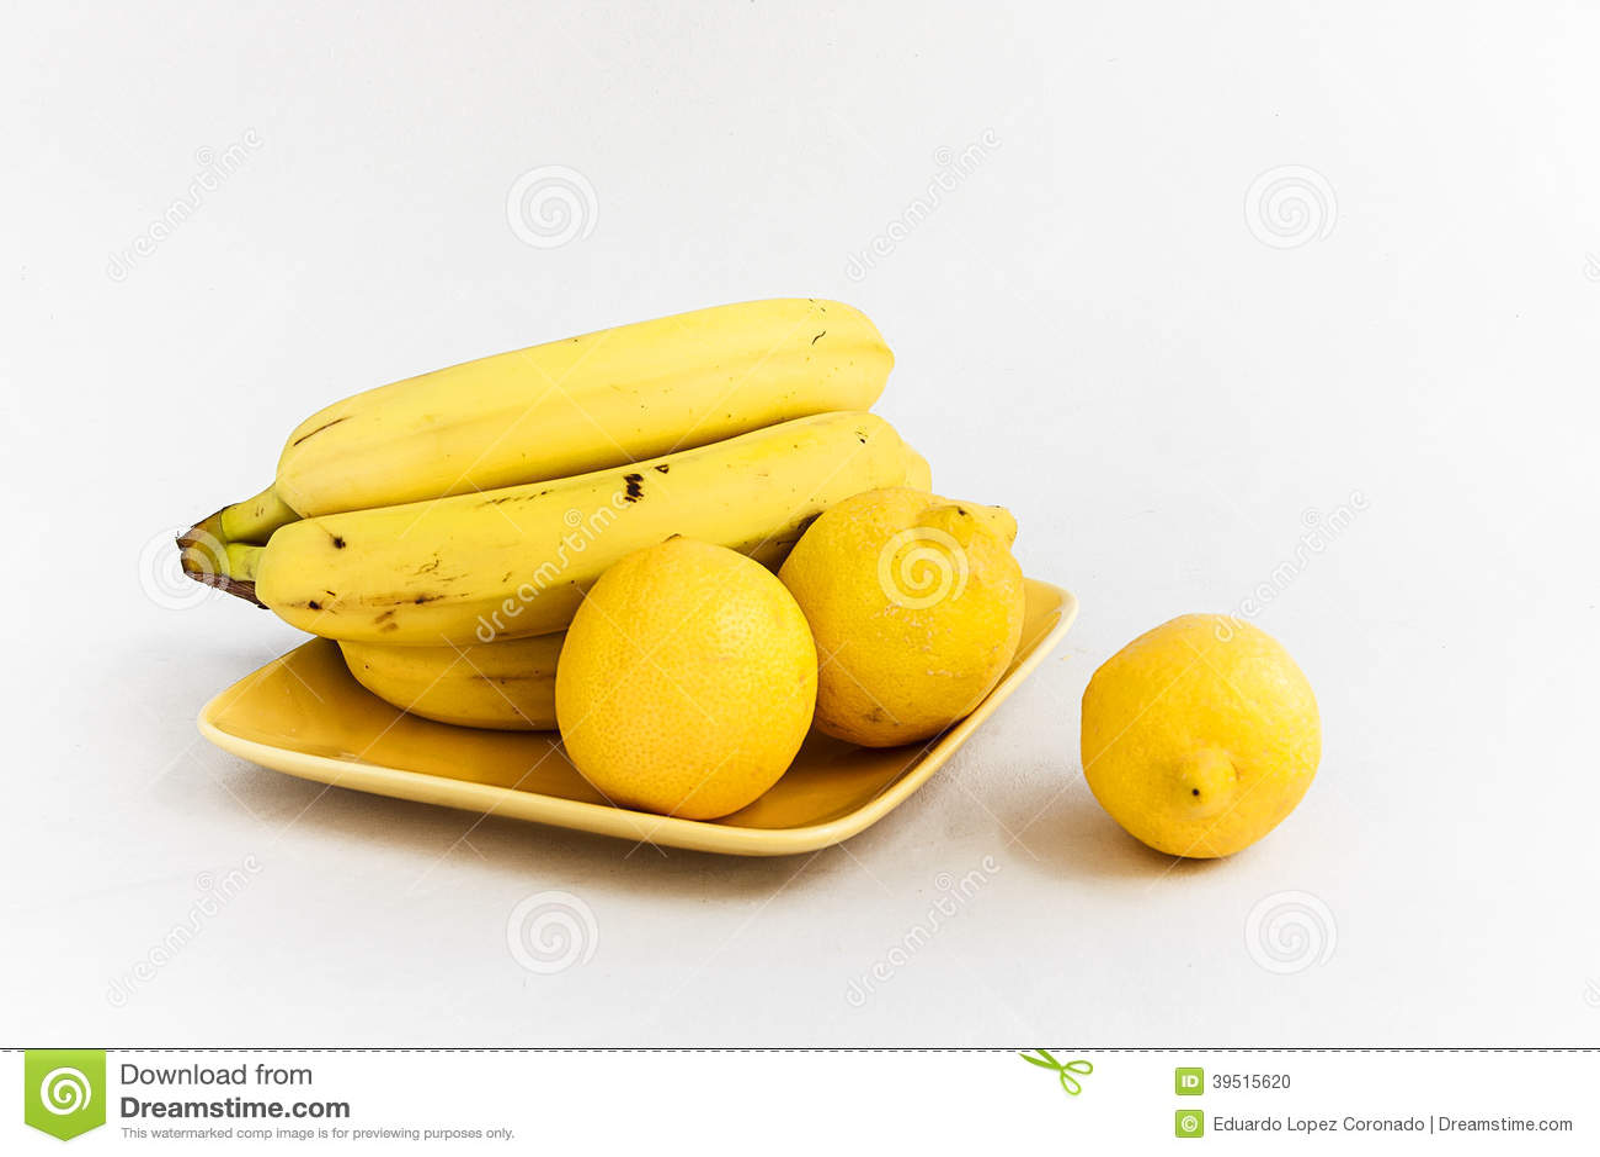 Lemons and bananas